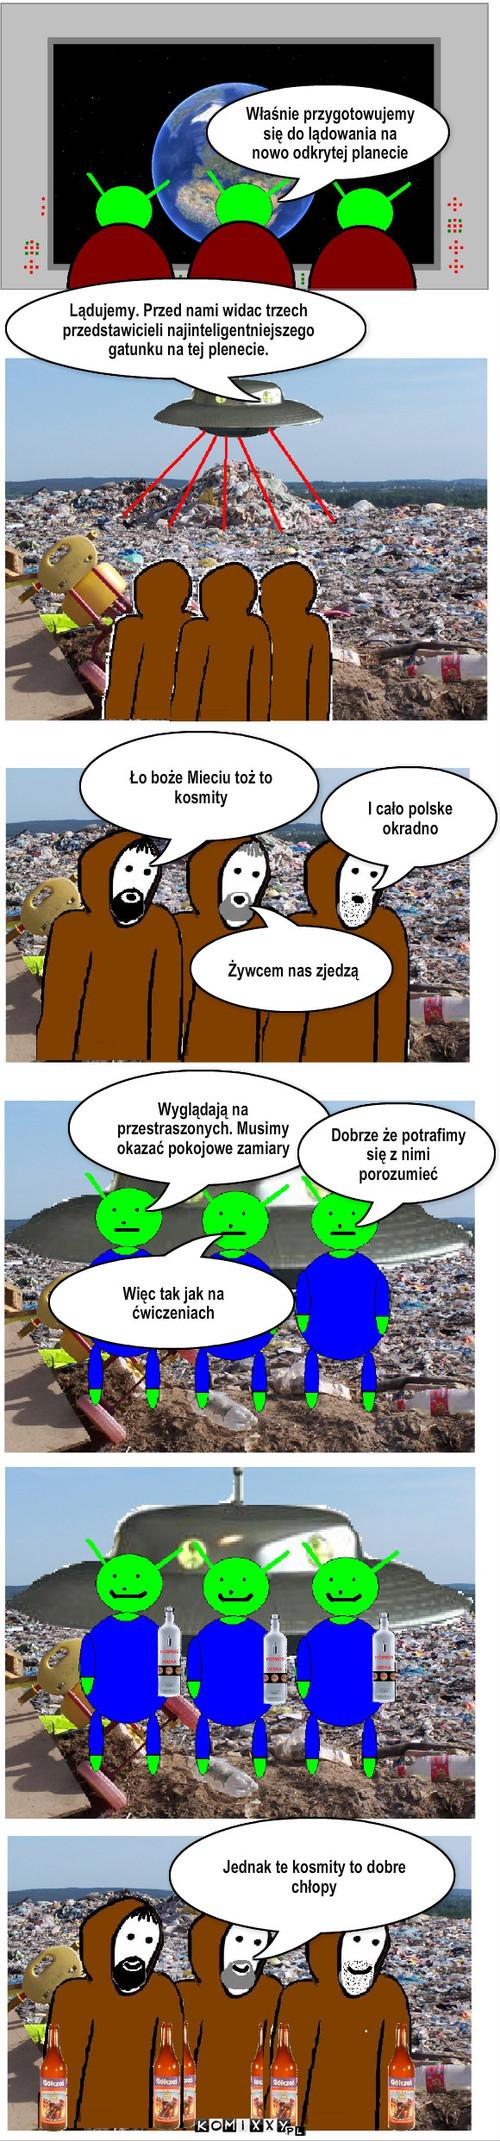 Polske Pornografia 73